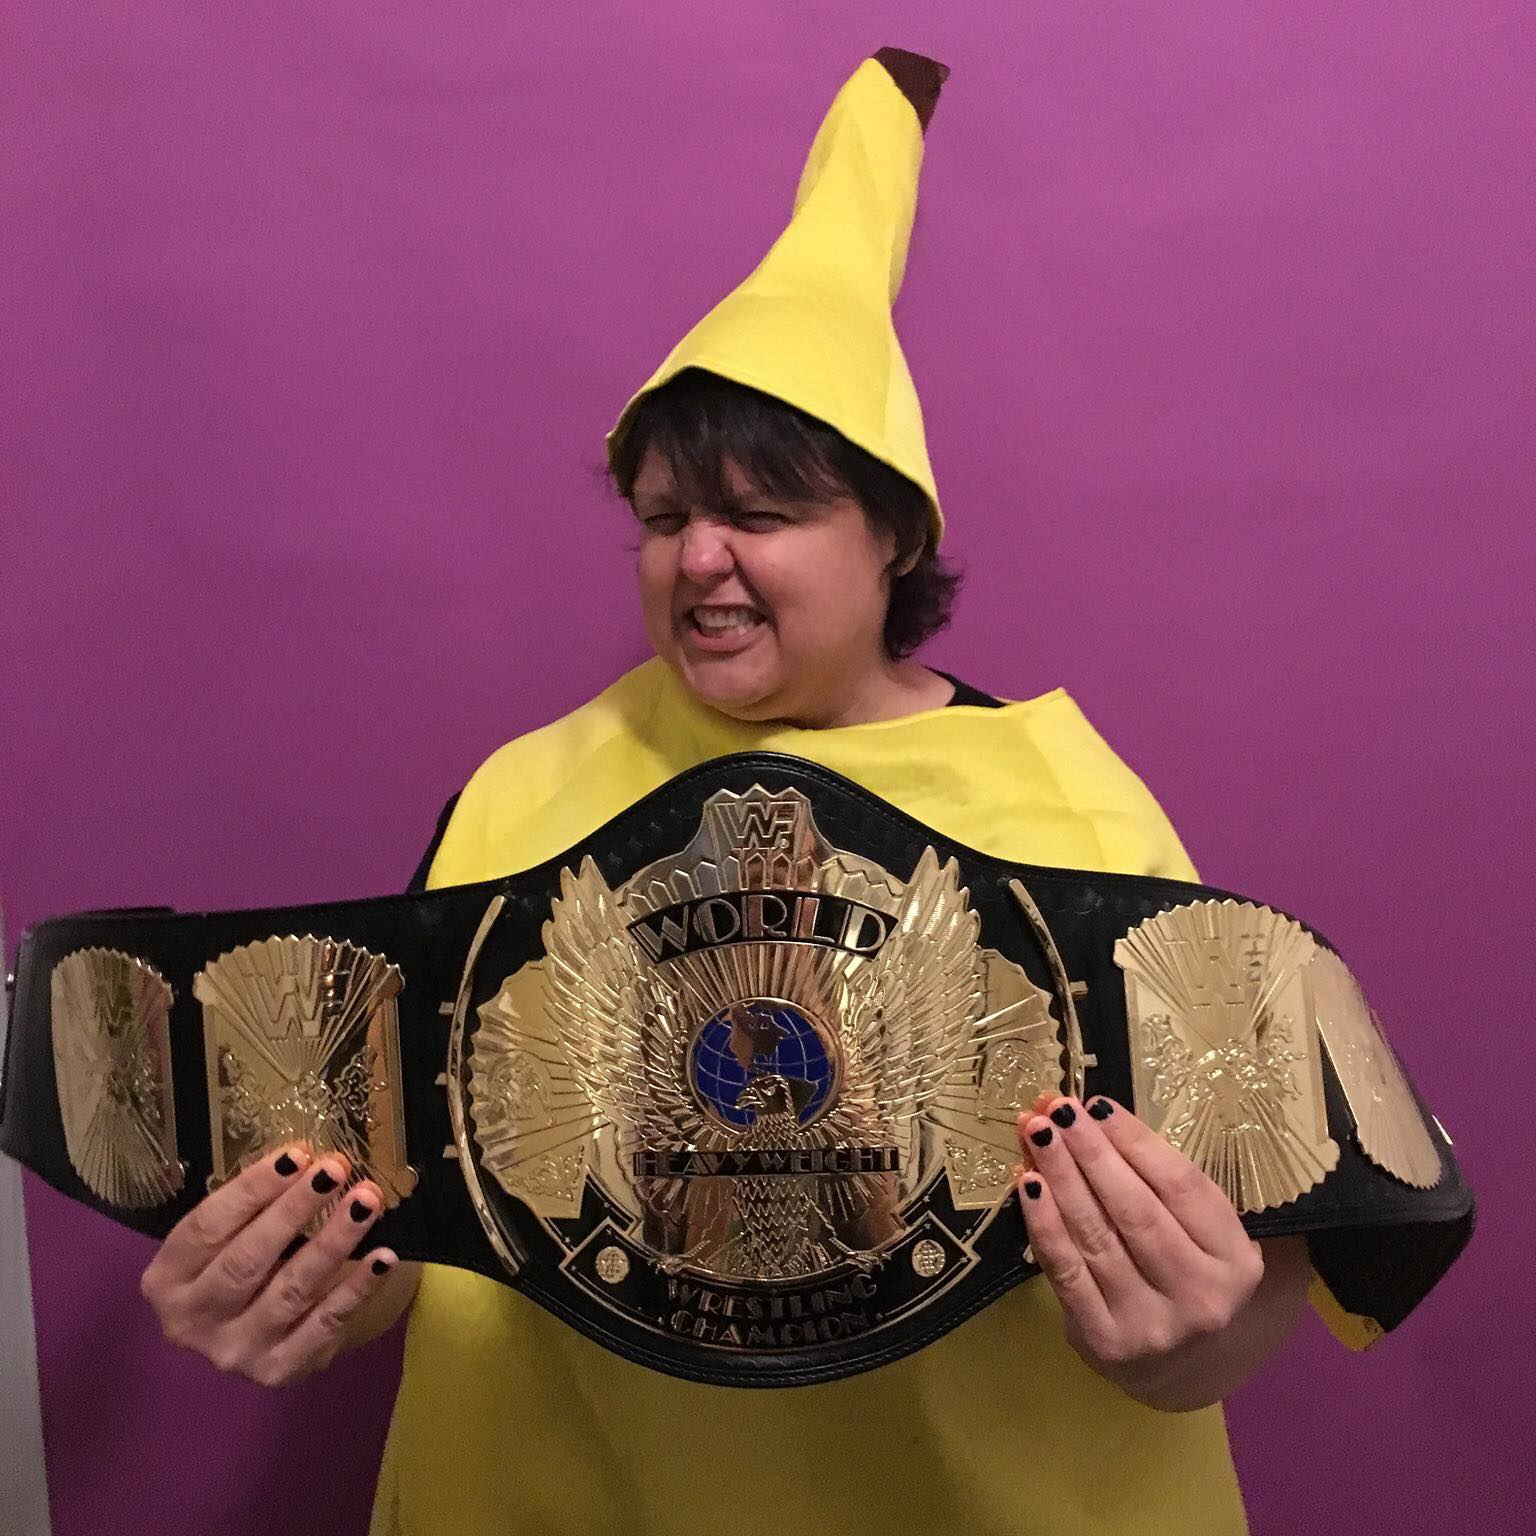 The Rotten Banana Lives!